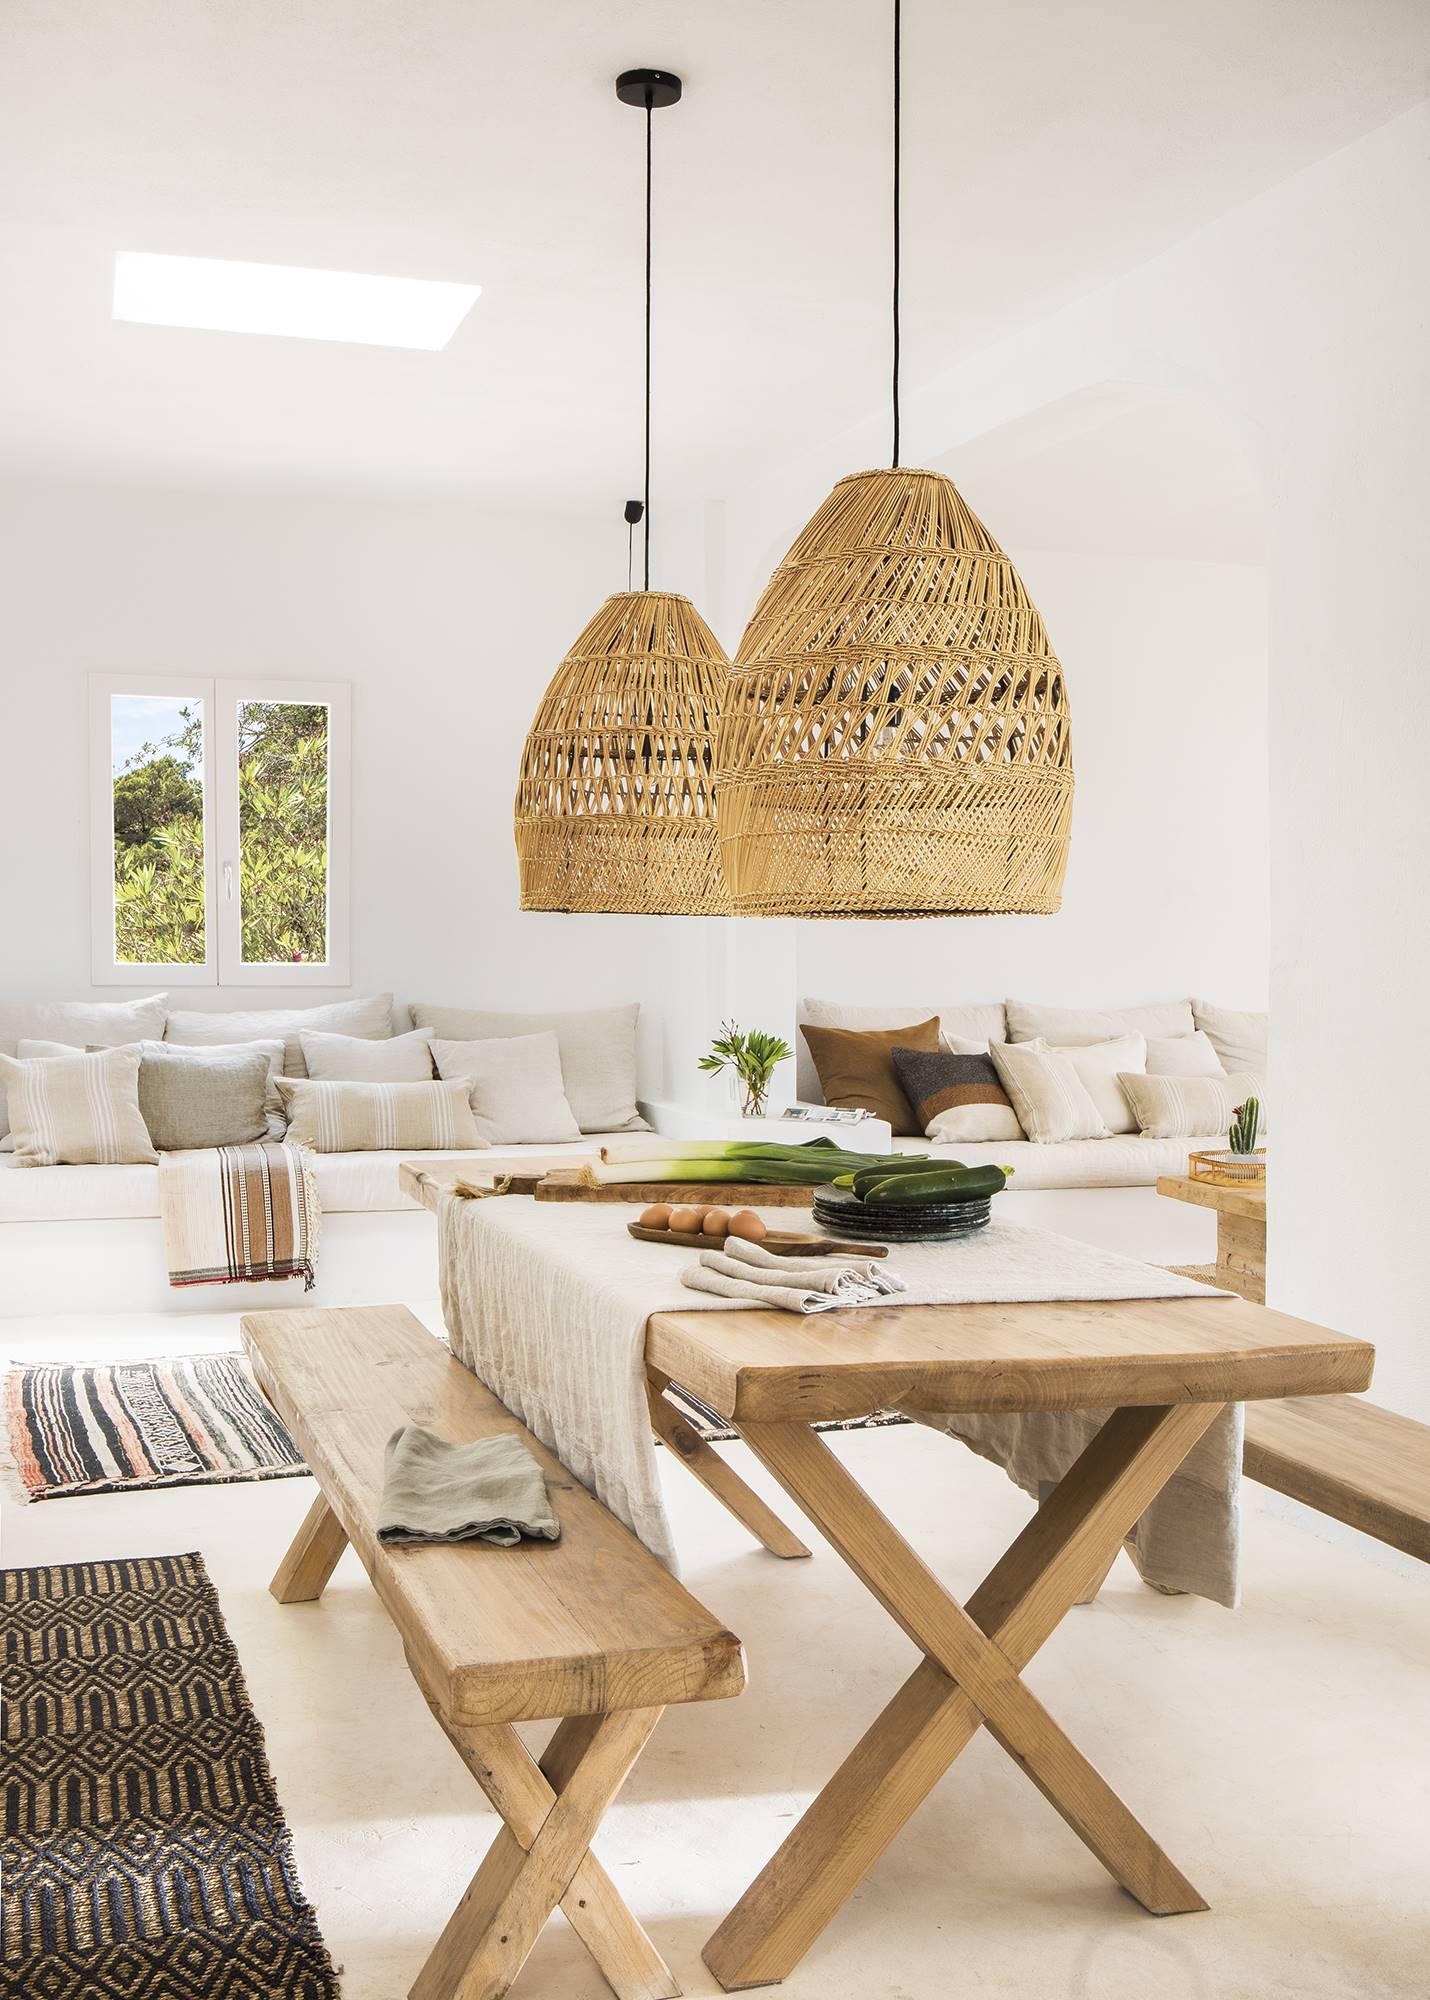 El Mueble Salines Ibiza 510. Un comedor muy natural y desenfadado